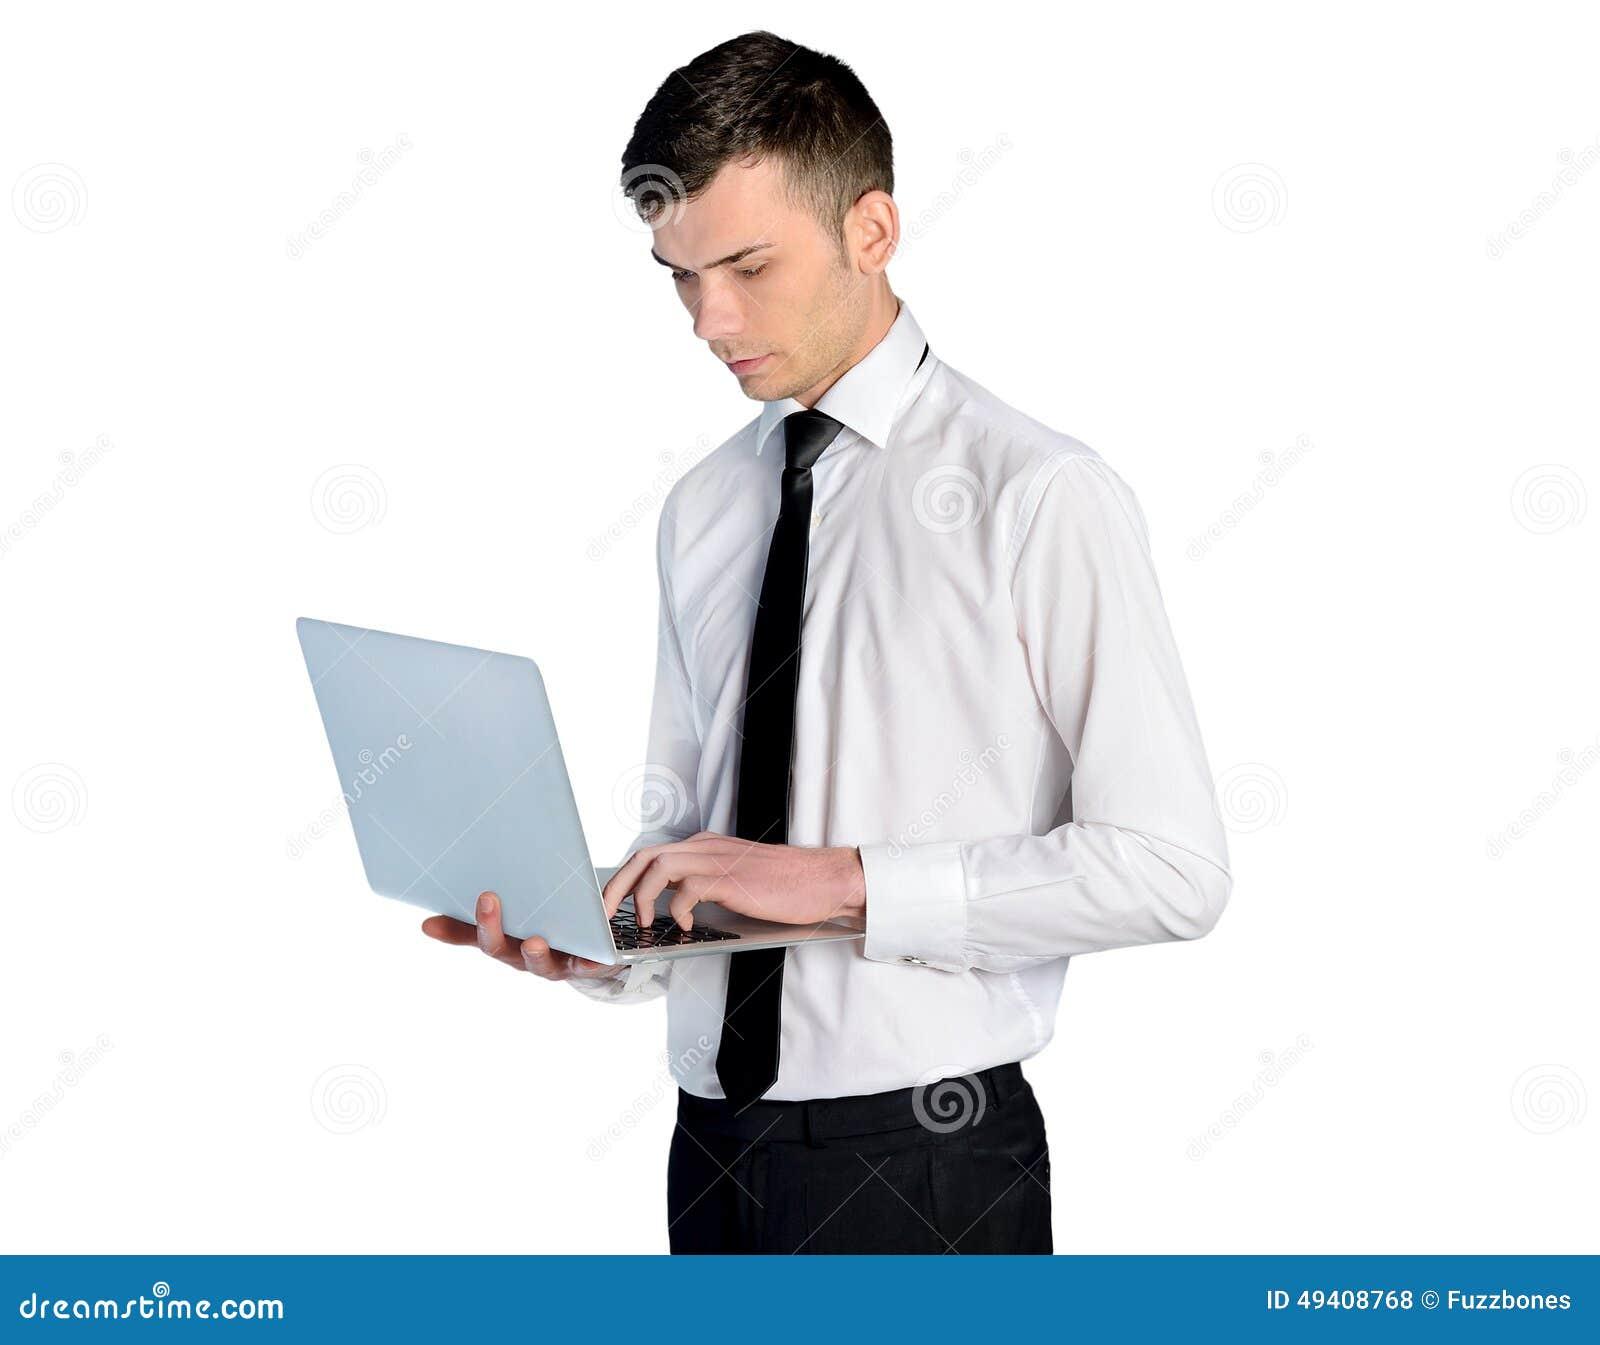 Download Geschäftsmann mit Laptop stockfoto. Bild von nahaufnahme - 49408768